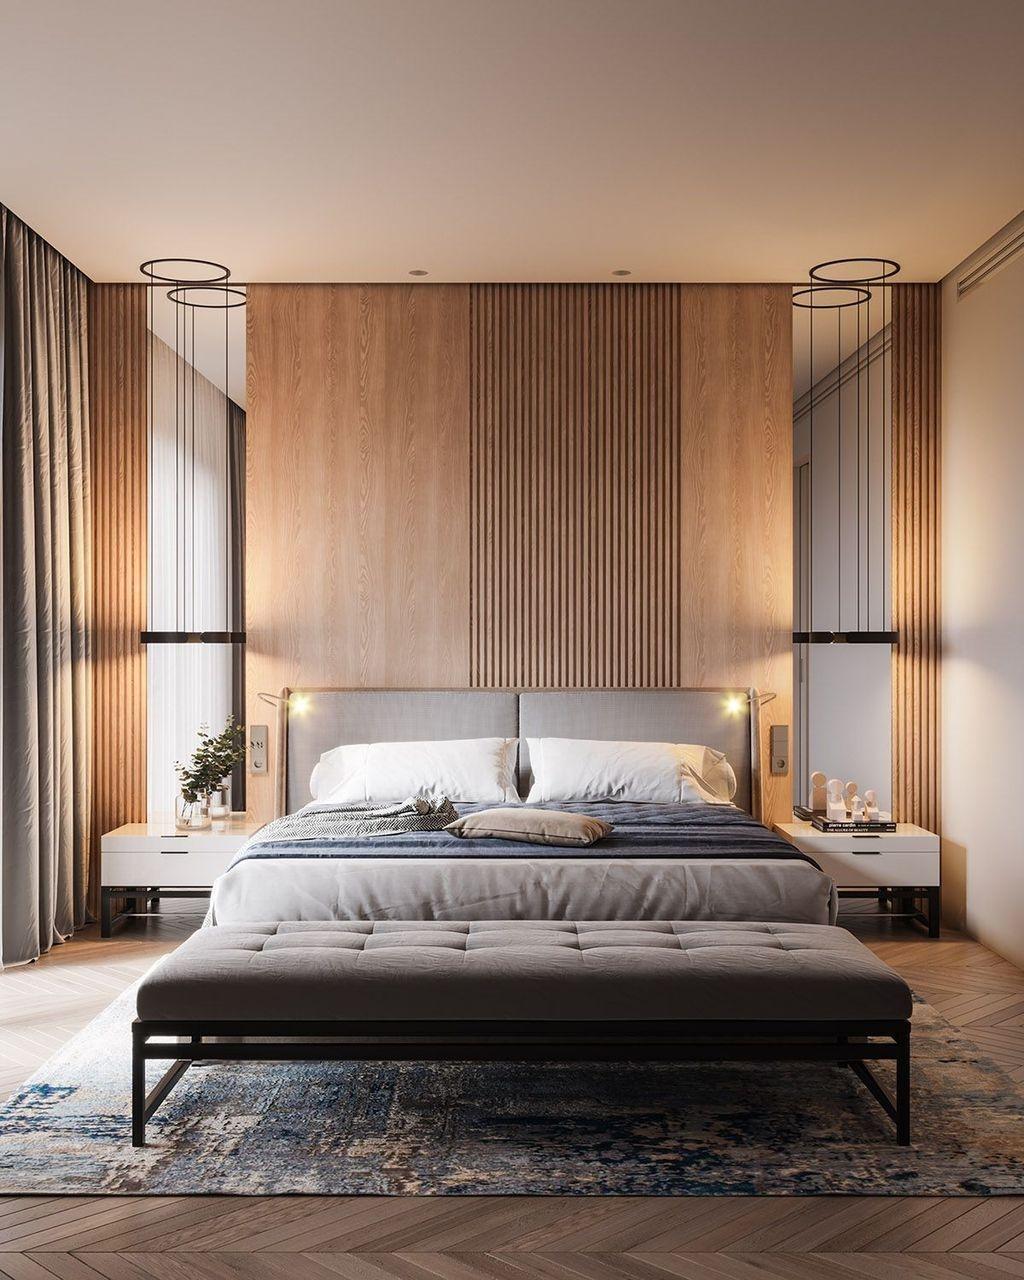 Amazing Bedroom Interior Design Ideas To Try43